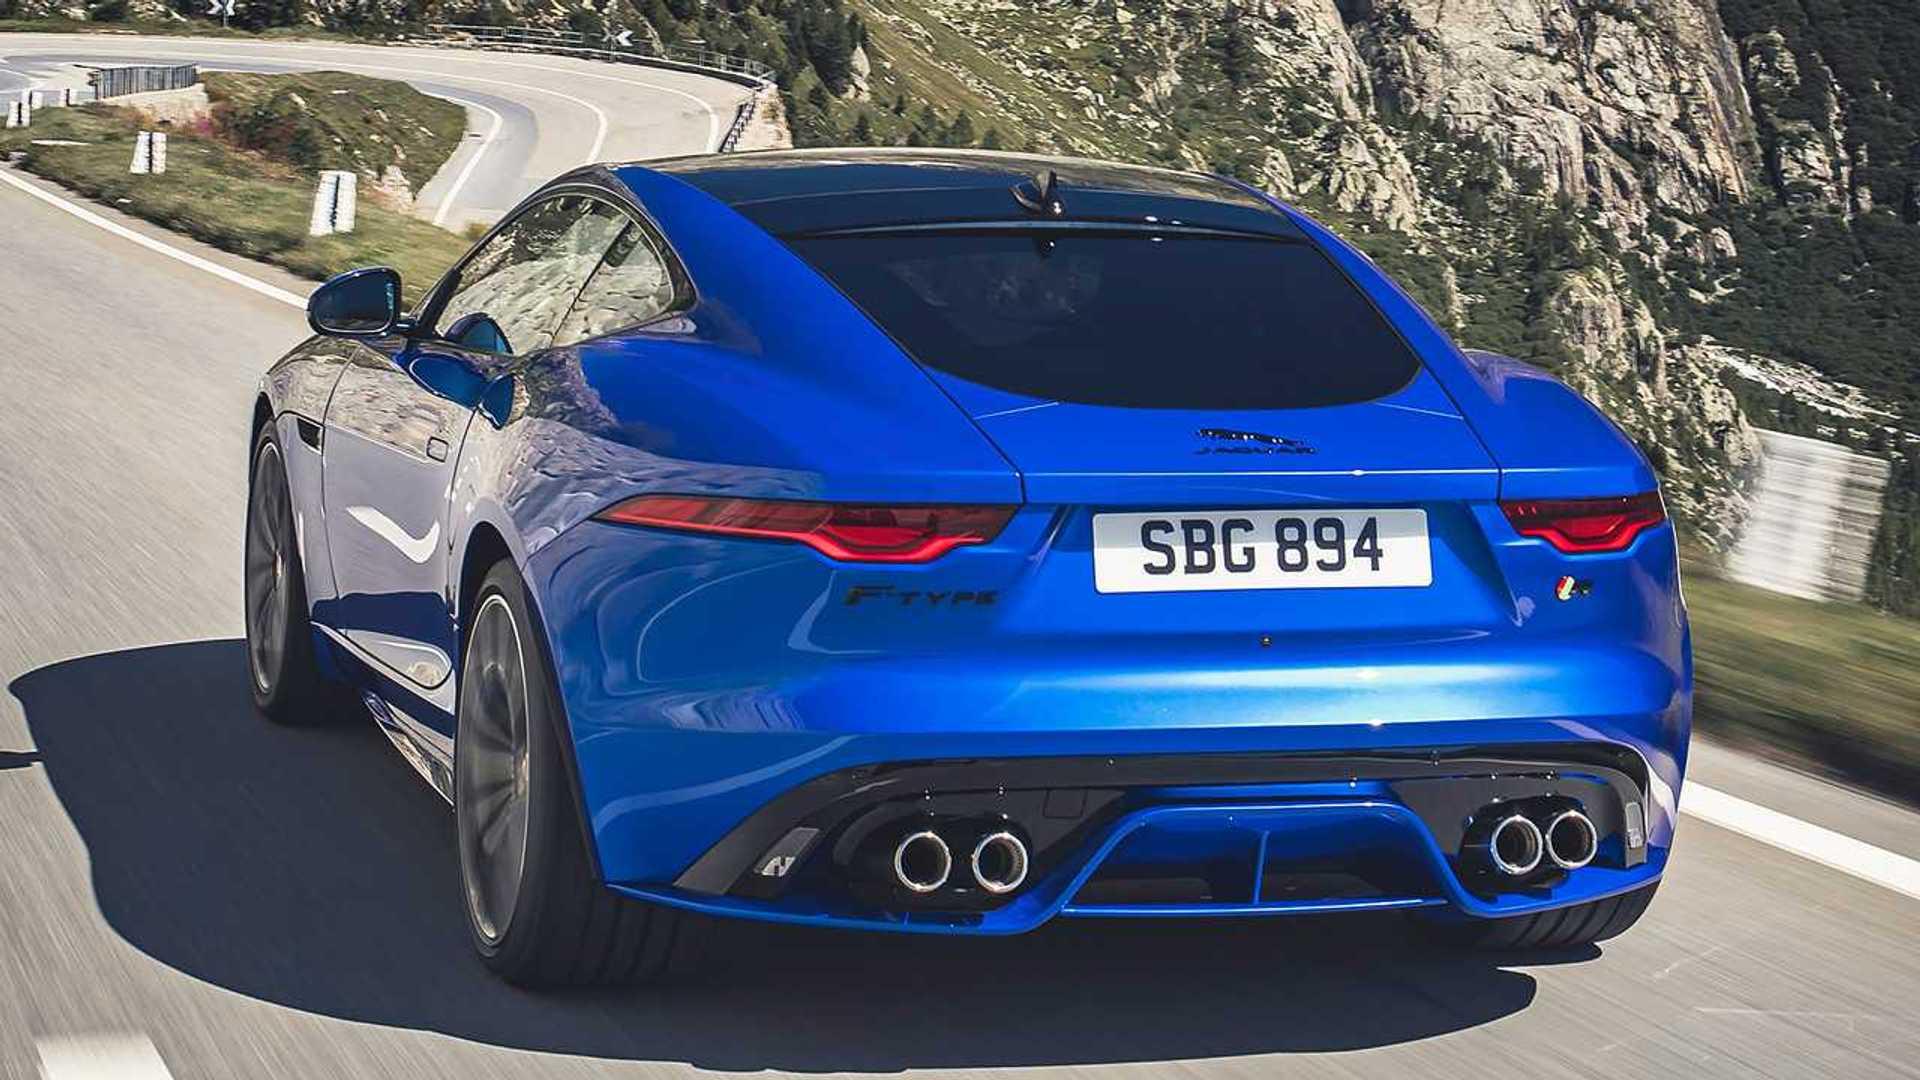 2021 - [Jaguar] F-Type restylée - Page 3 2021-jaguar-f-type